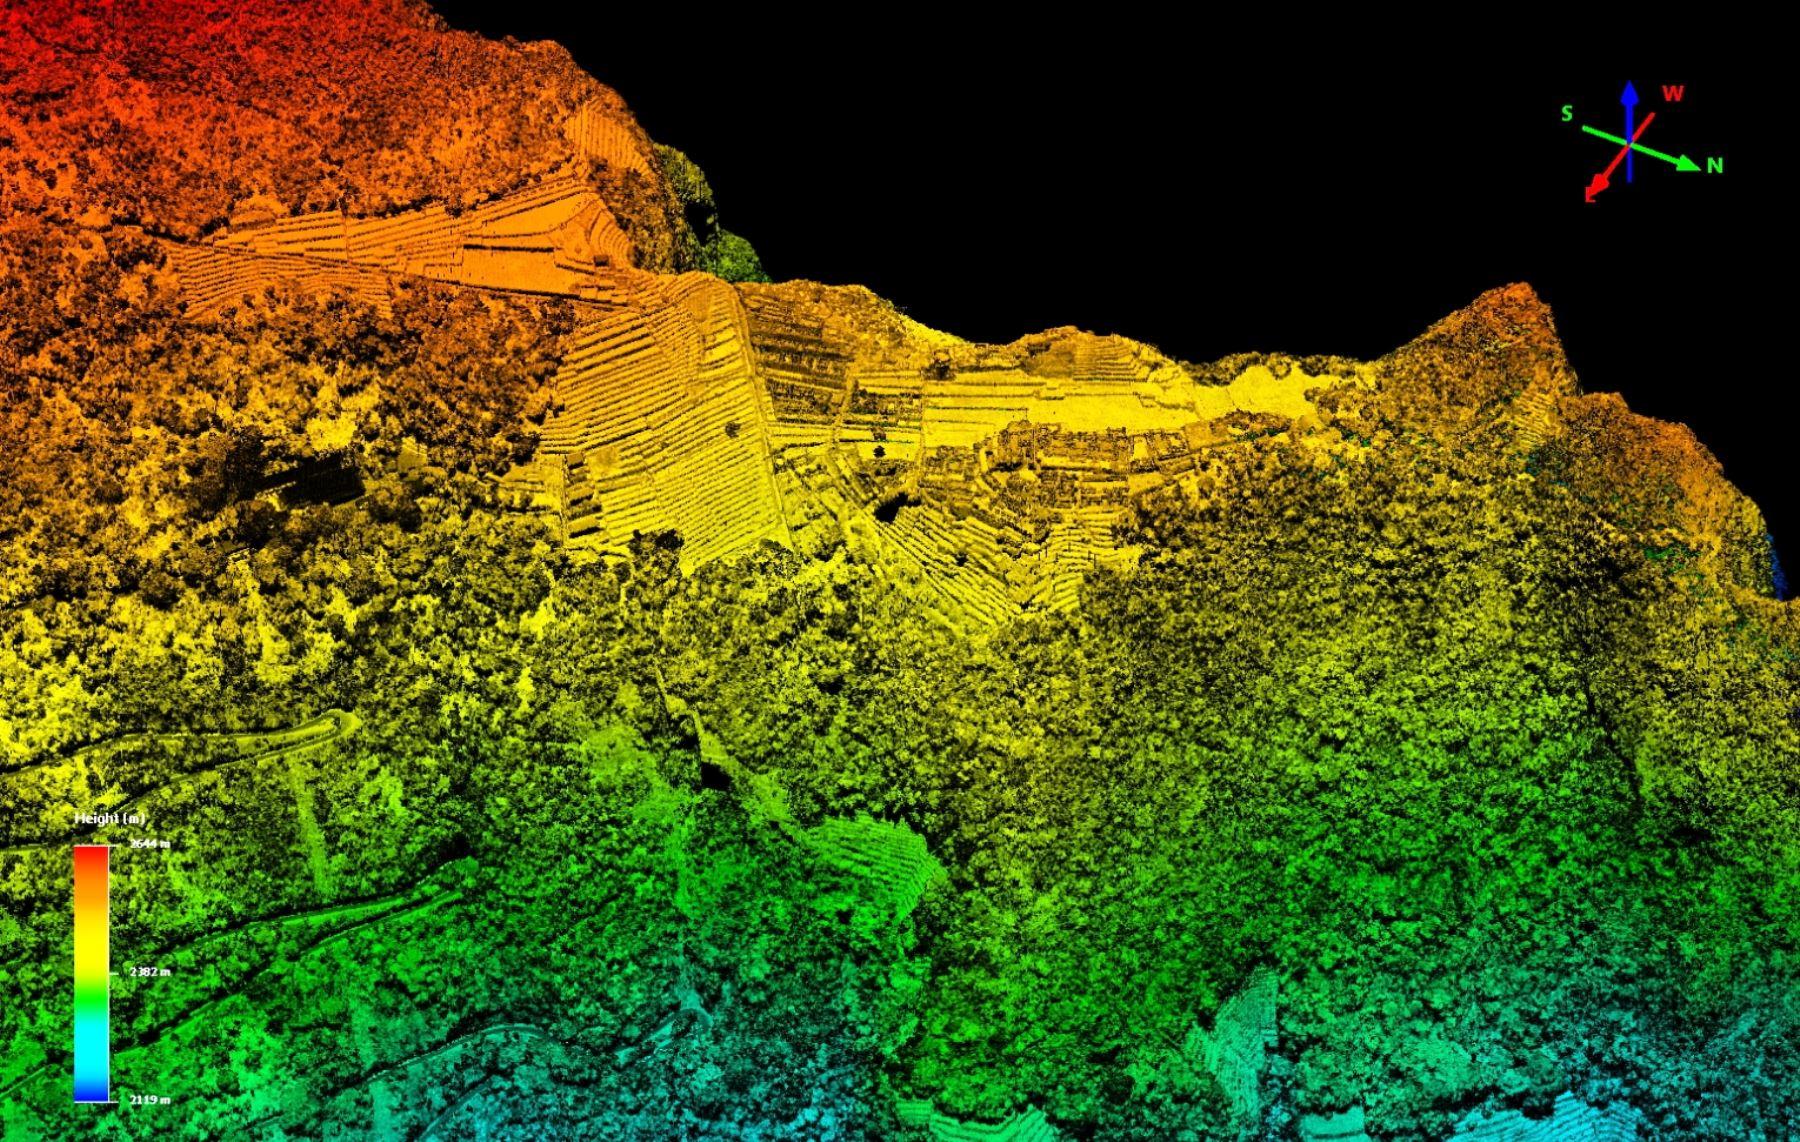 Con imágenes aéreas y tridimensionales hallan indicios arqueológicos en Machu Picchu.